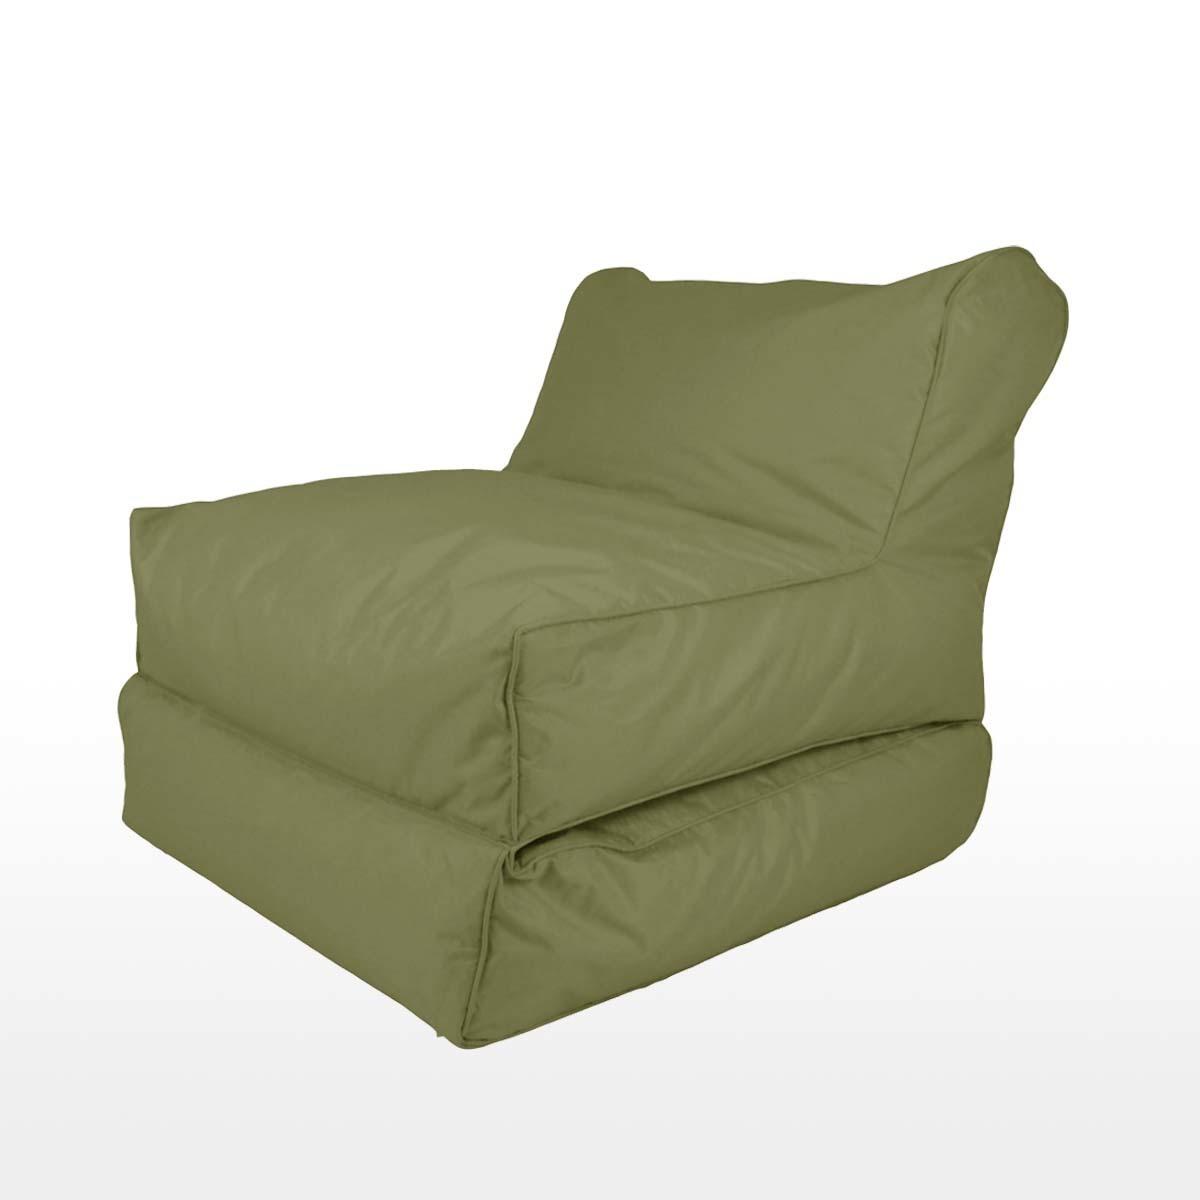 BeanBag Sofa Bed Grey